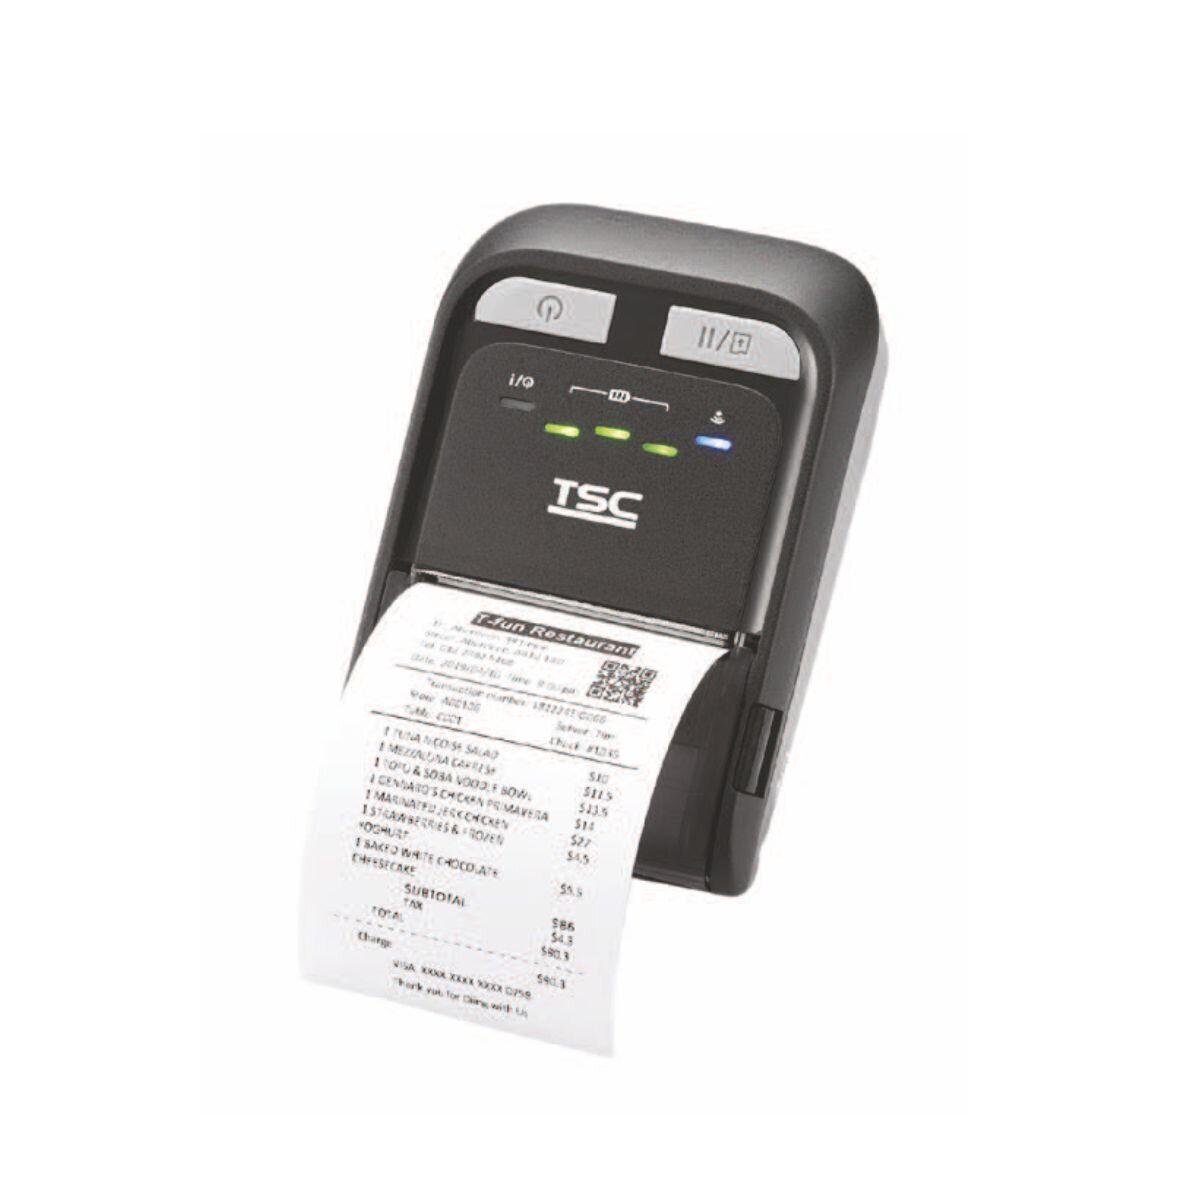 TSC TDM-20, 203 dpi, 4 ips + WiFi + Bluetooth 4.2 + RTC